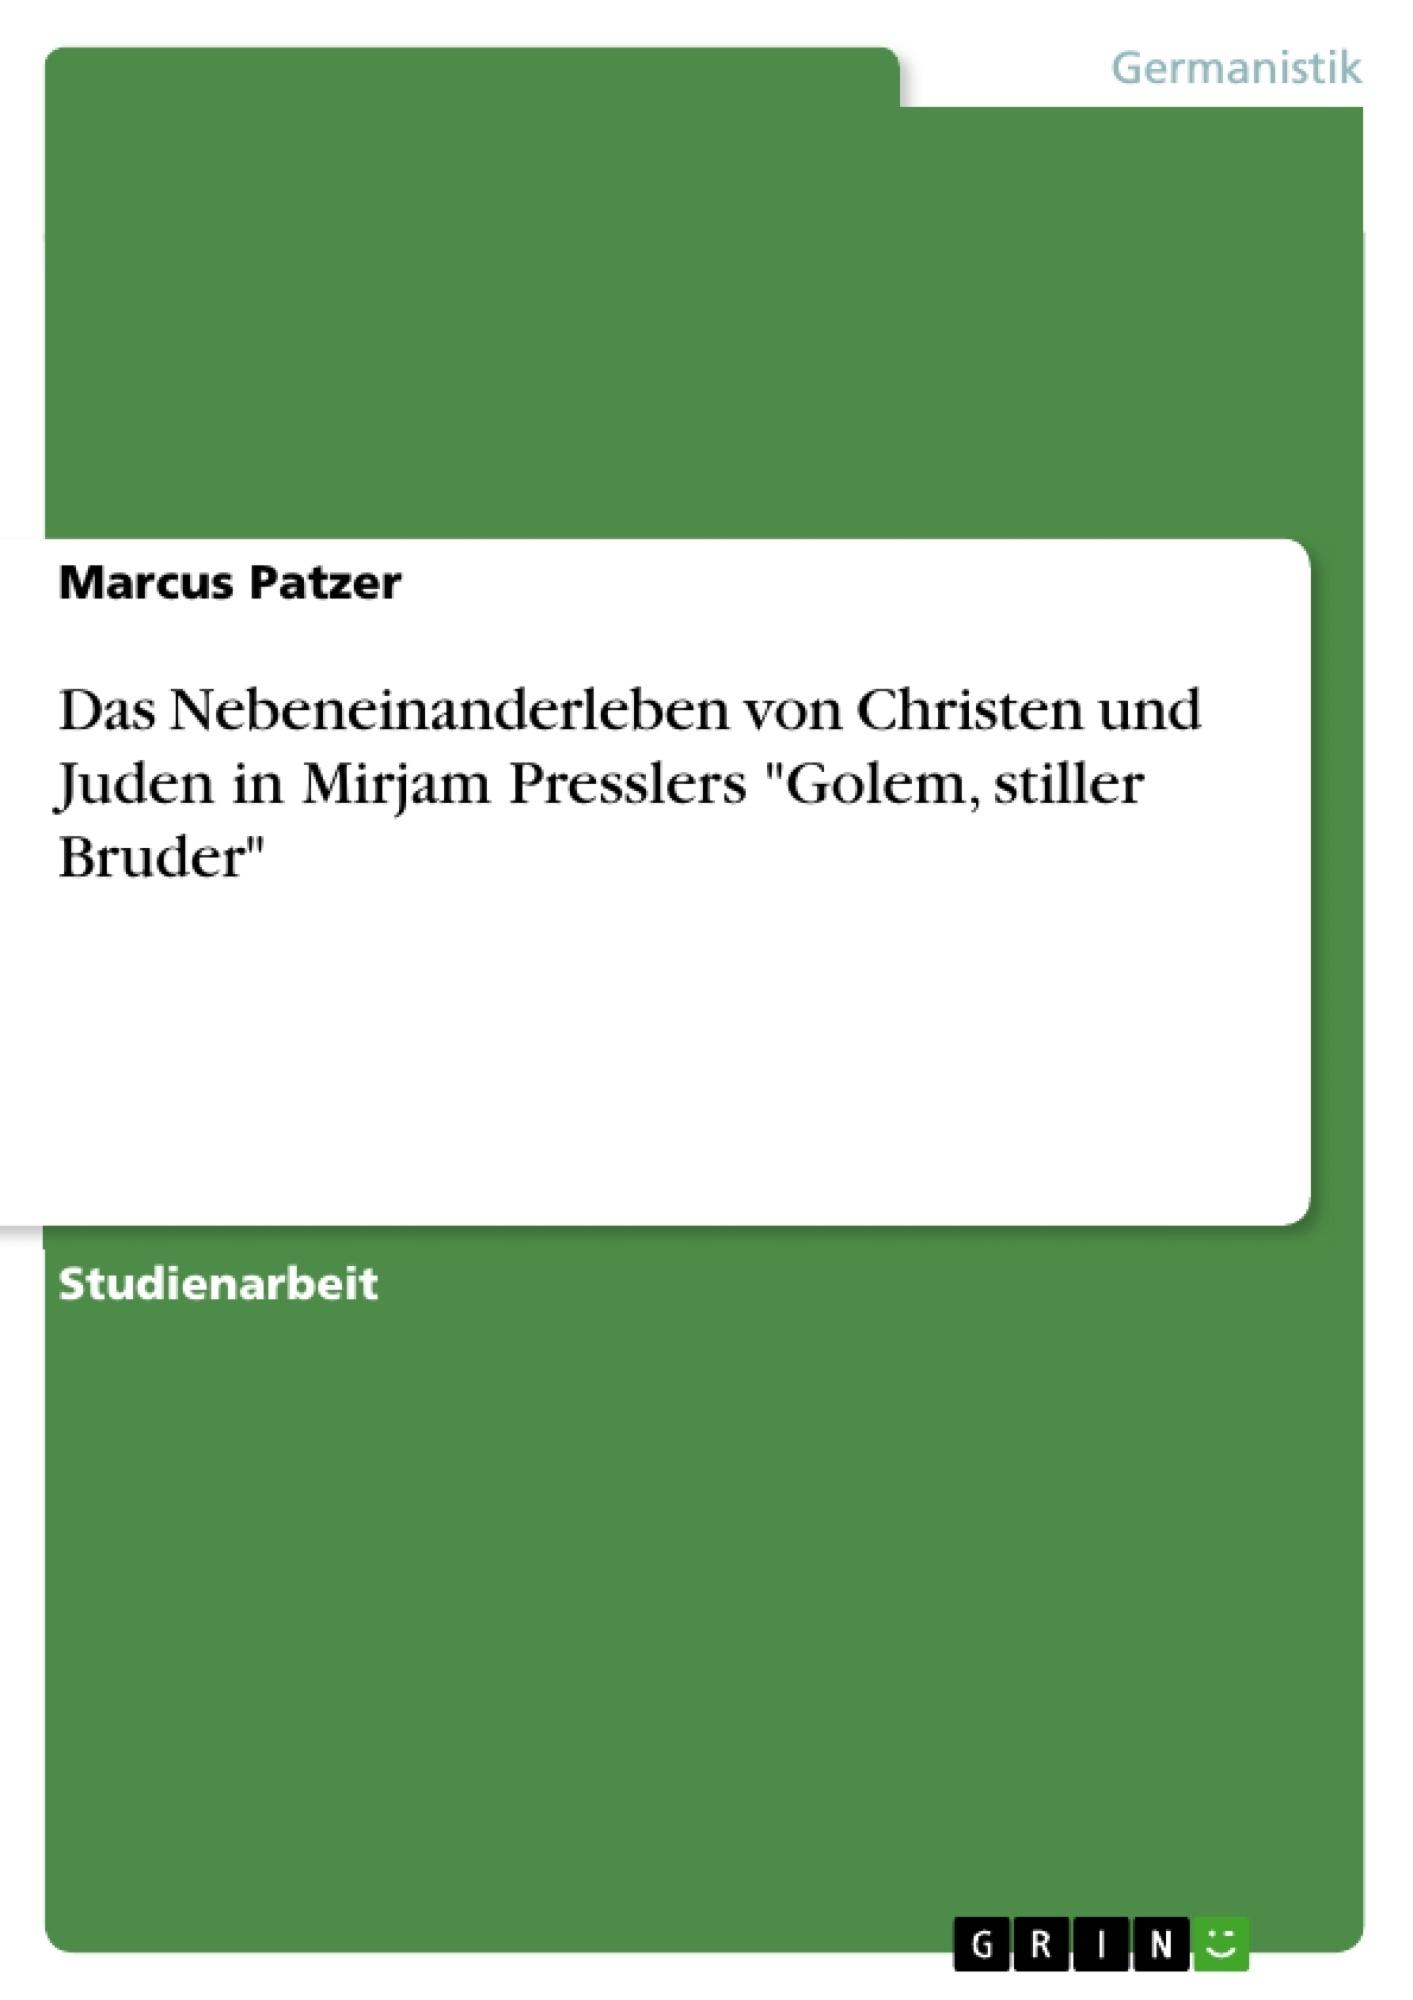 """Titel: Das Nebeneinanderleben von Christen und Juden in Mirjam Presslers """"Golem, stiller Bruder"""""""